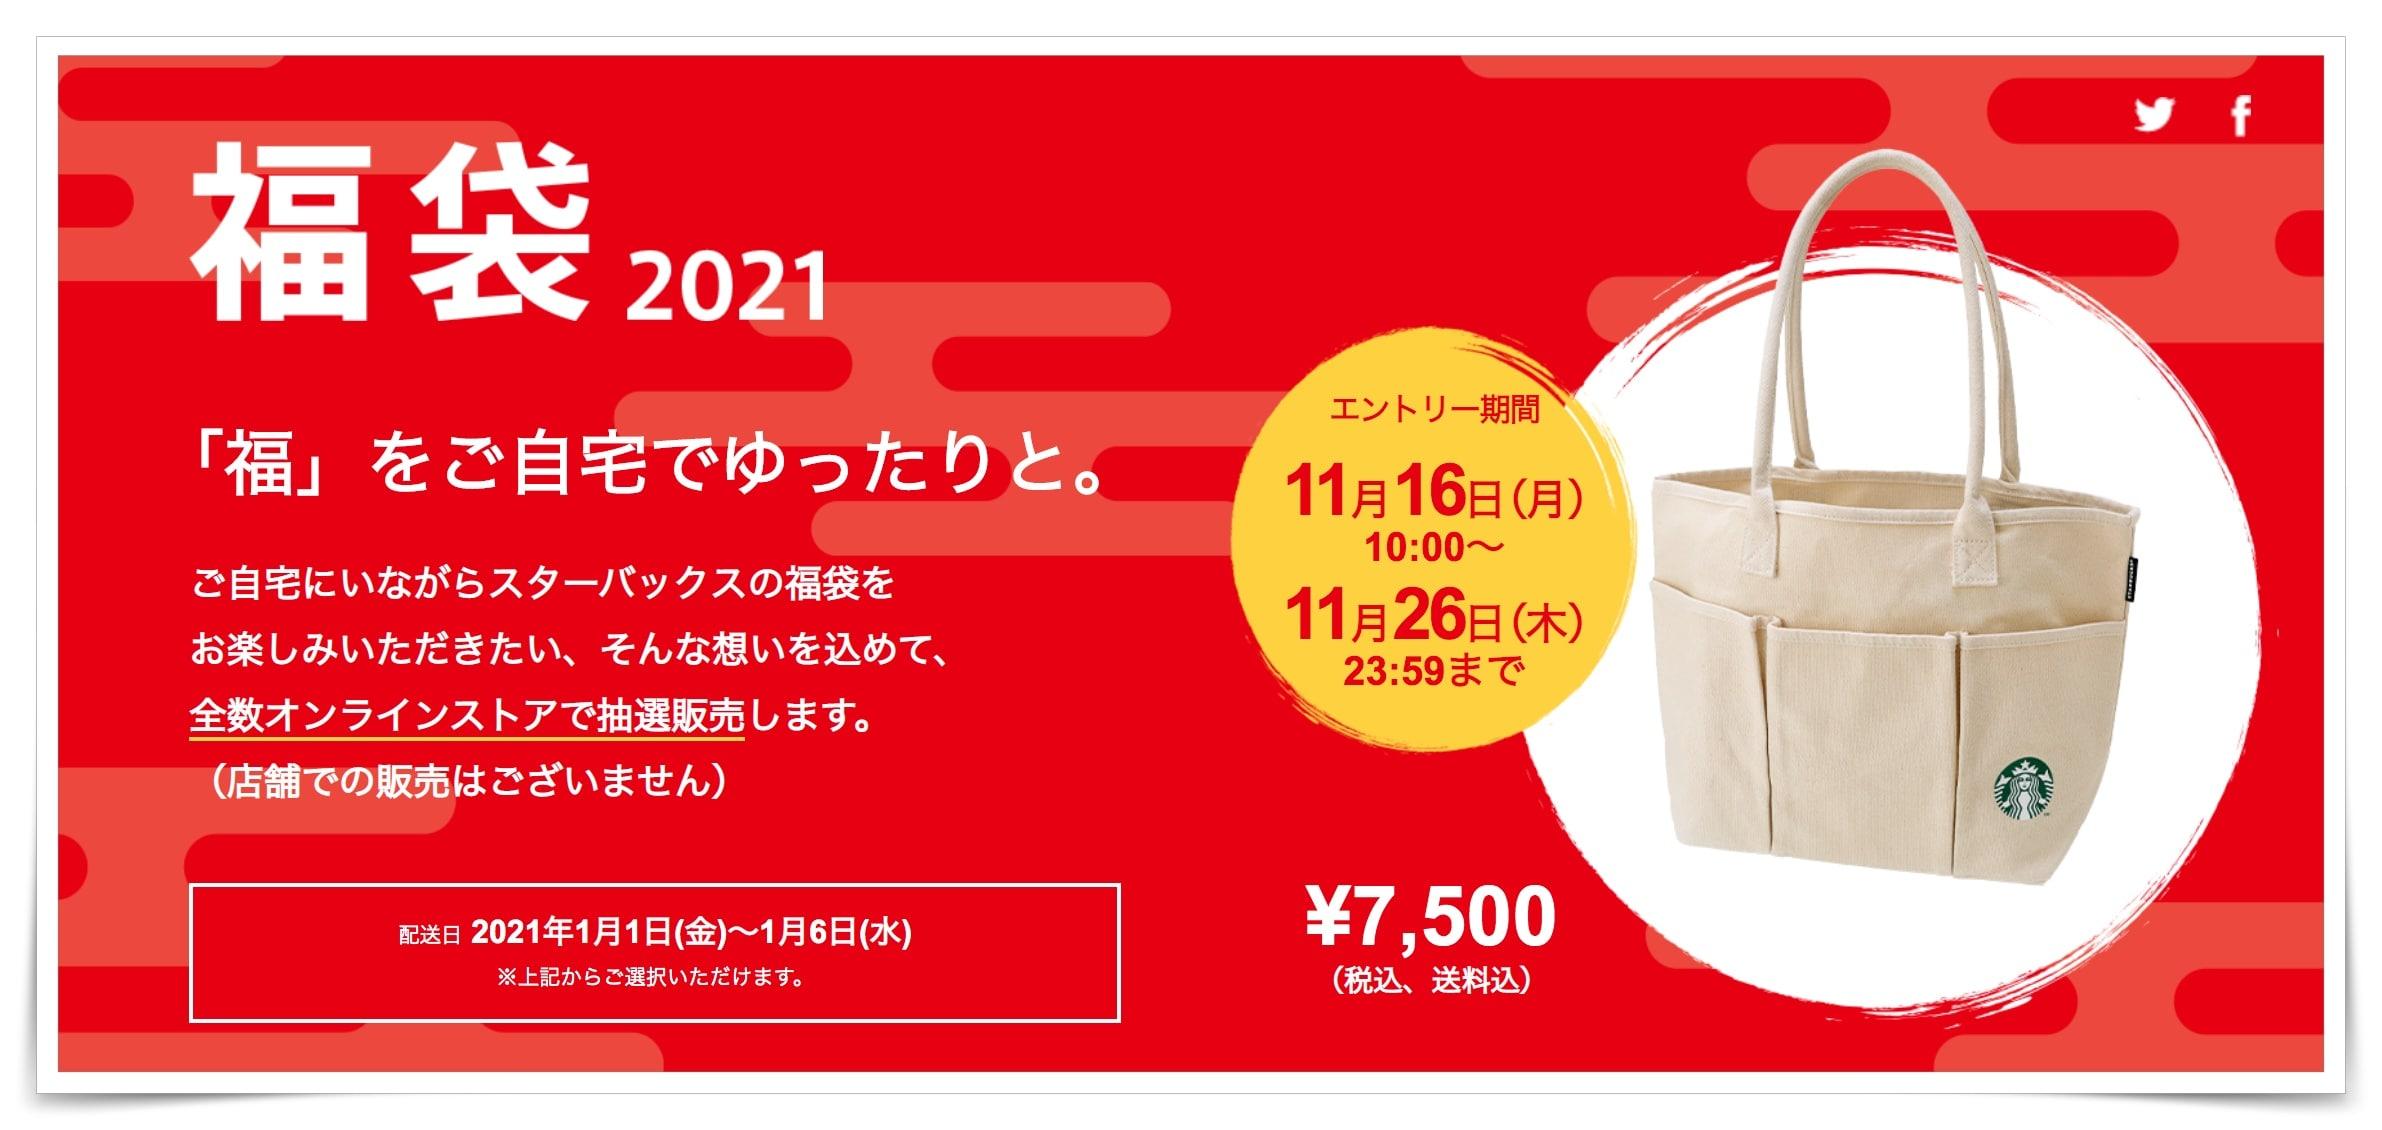 スタバ福袋2021の予約の仕方